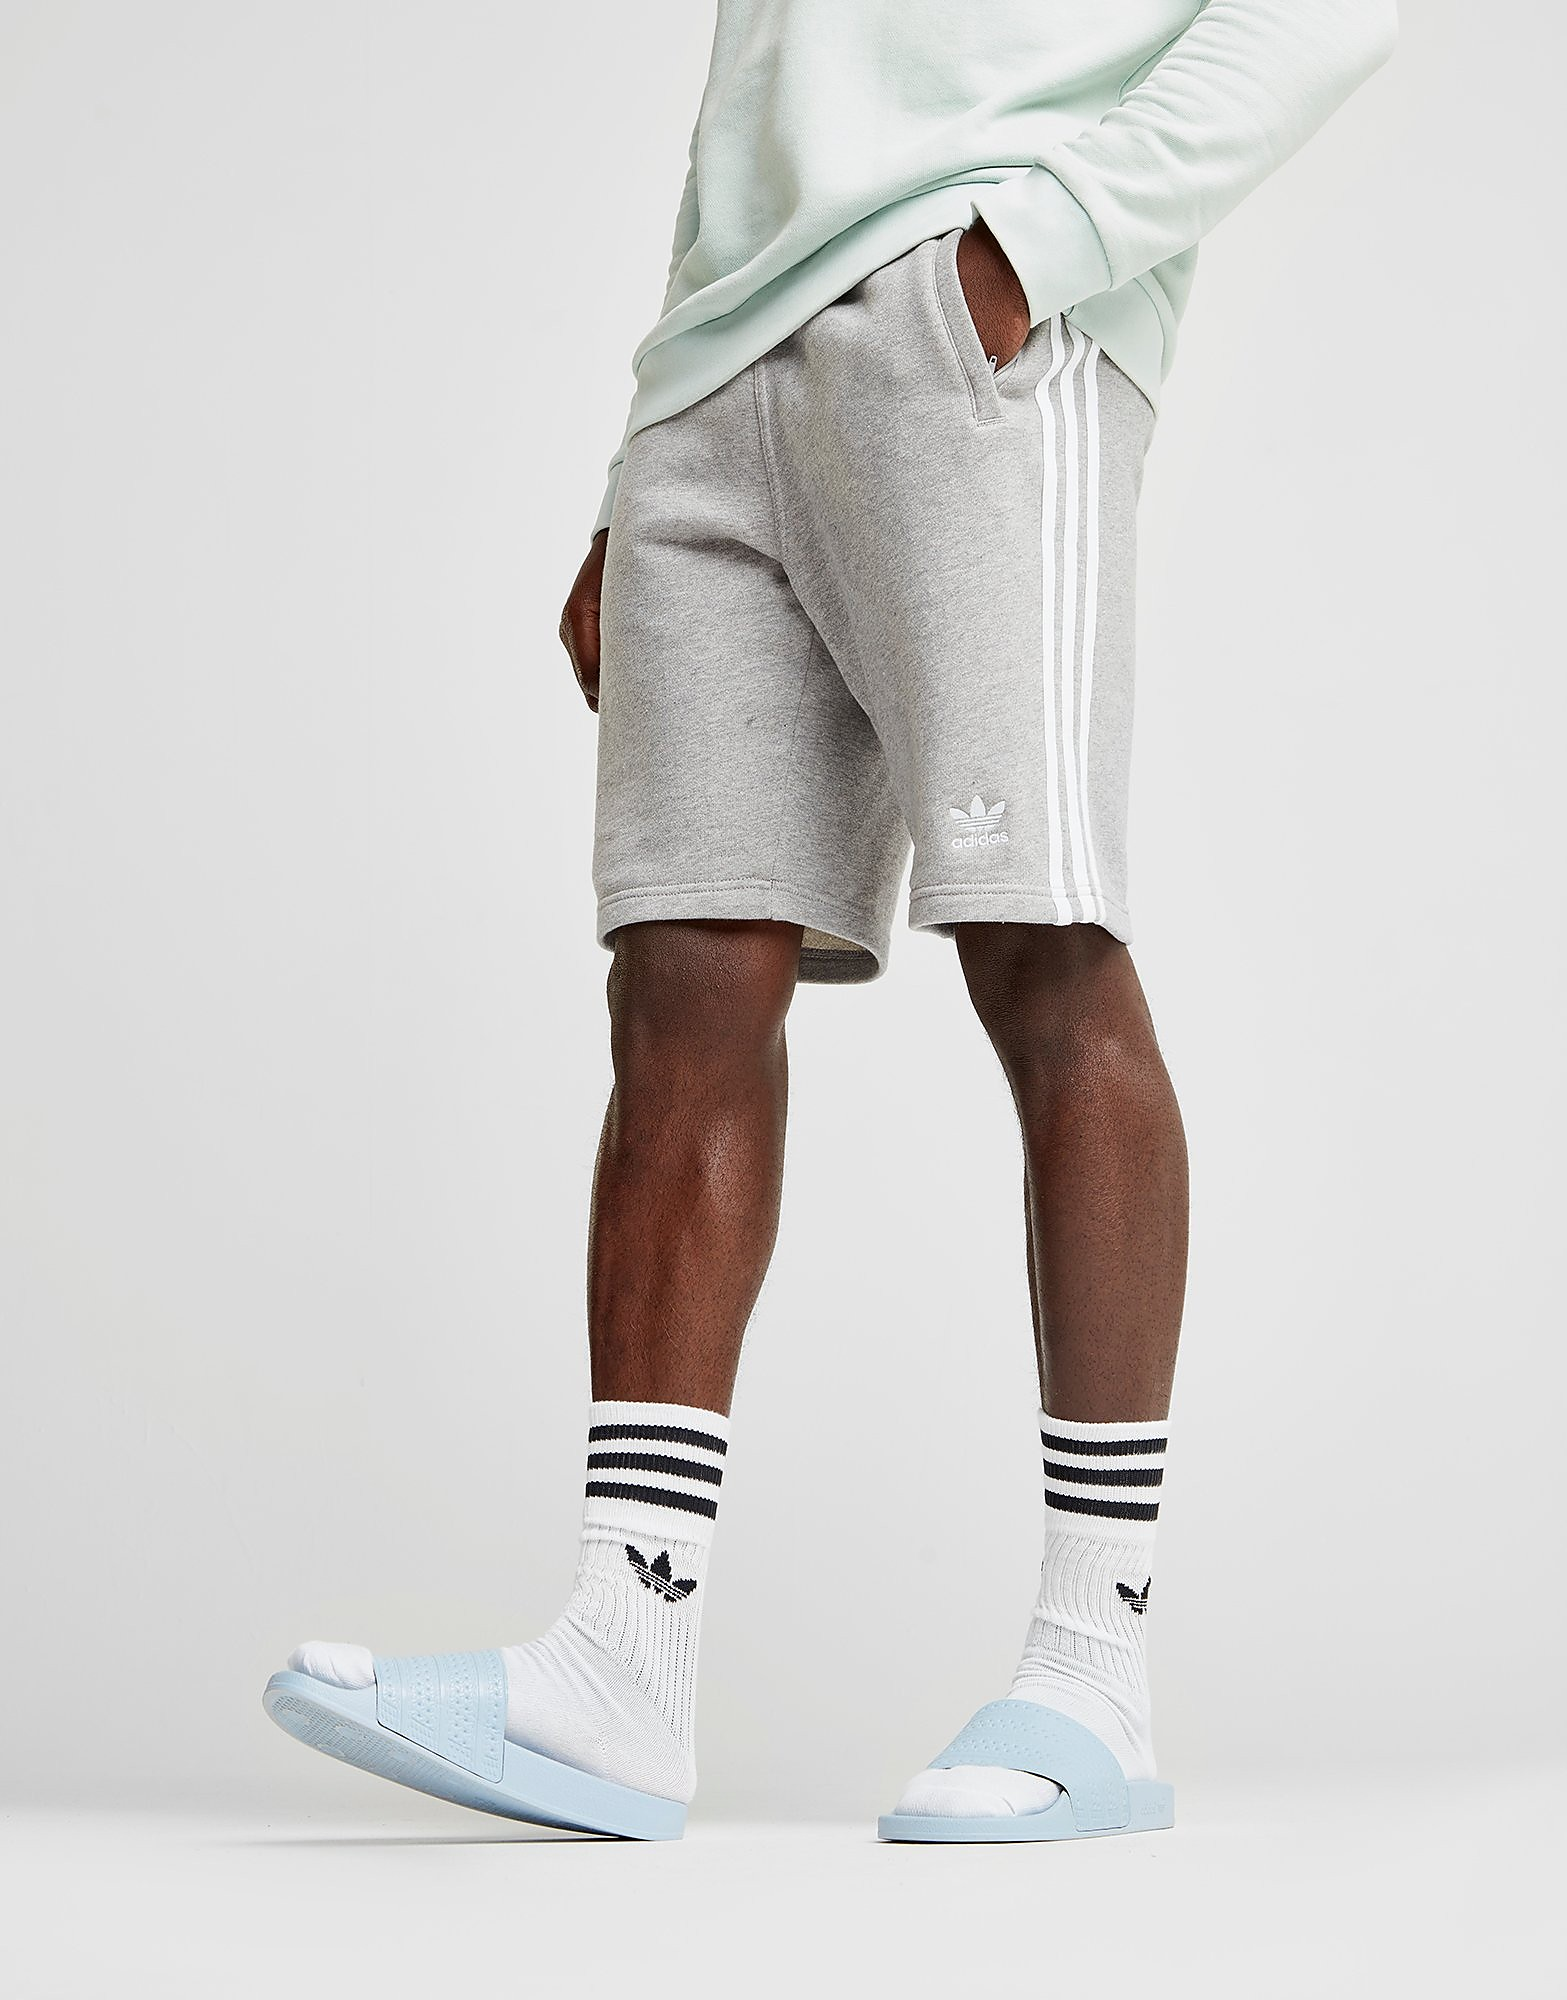 adidas Originals 3-Stripes Shorts Heren - Grijs - Heren